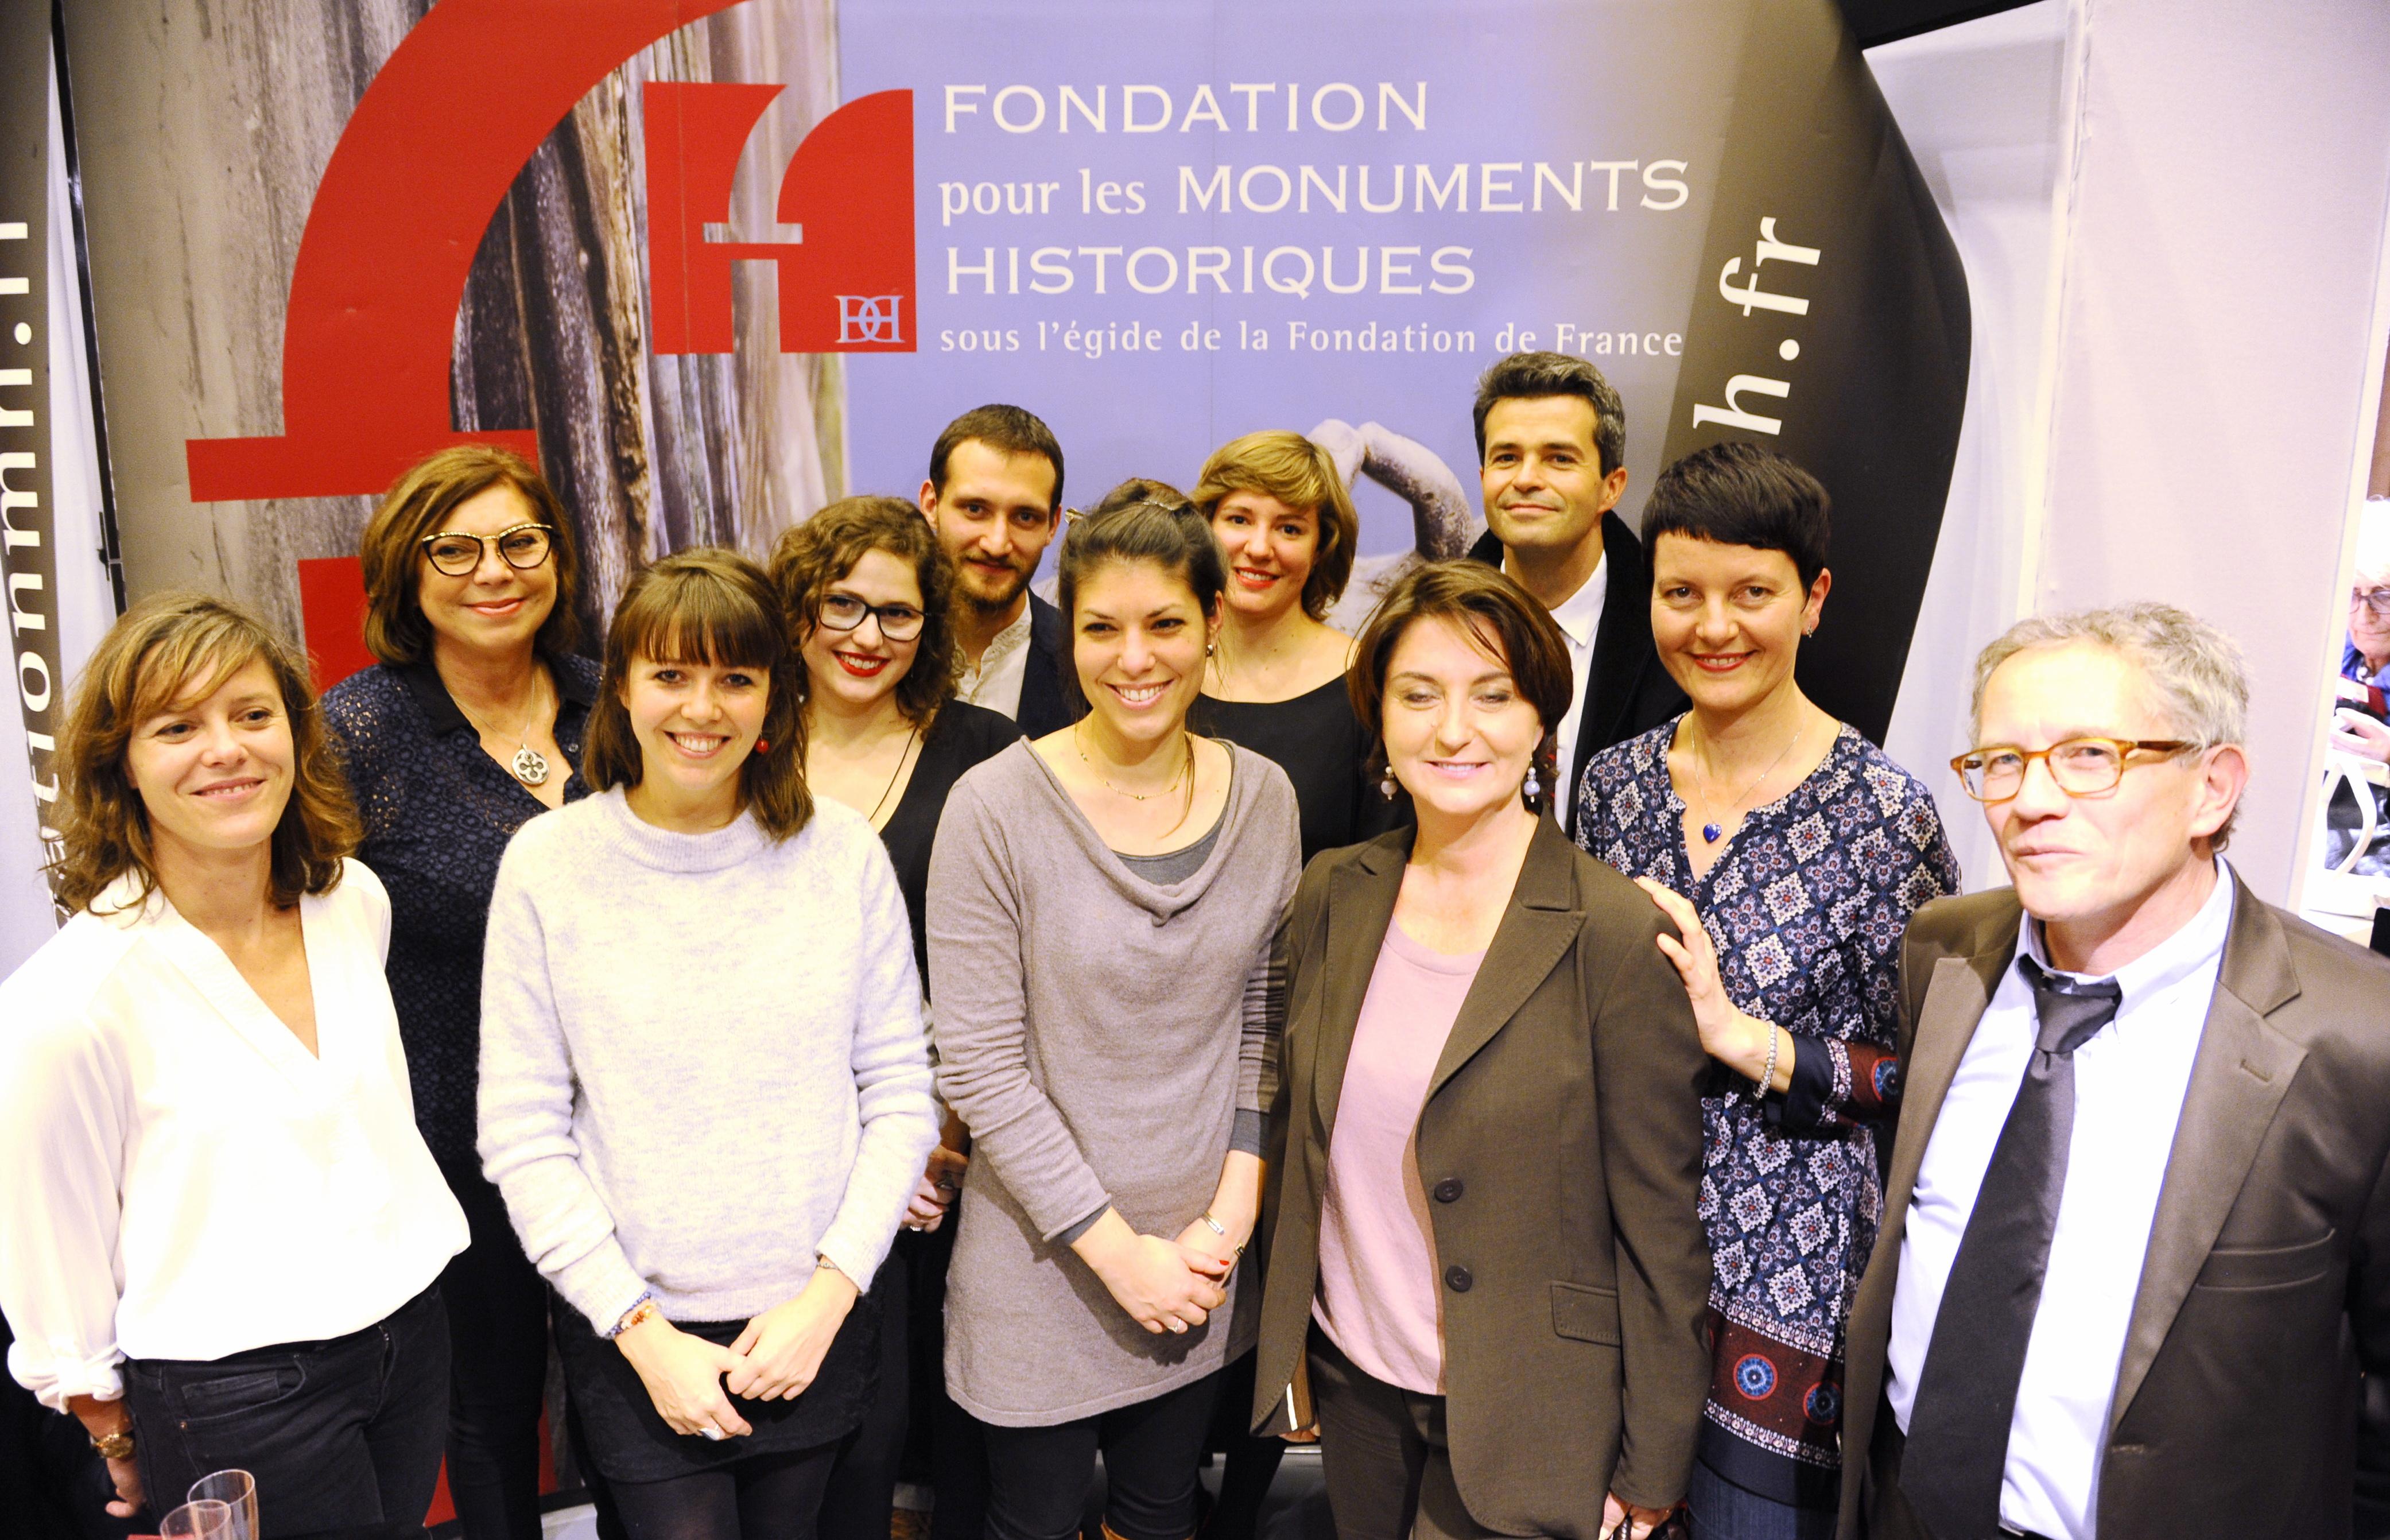 Fondation DH, Salon du Patrimoine Culture, Carrousel du Louvre 4 nov 2015 © Laurence de Terline